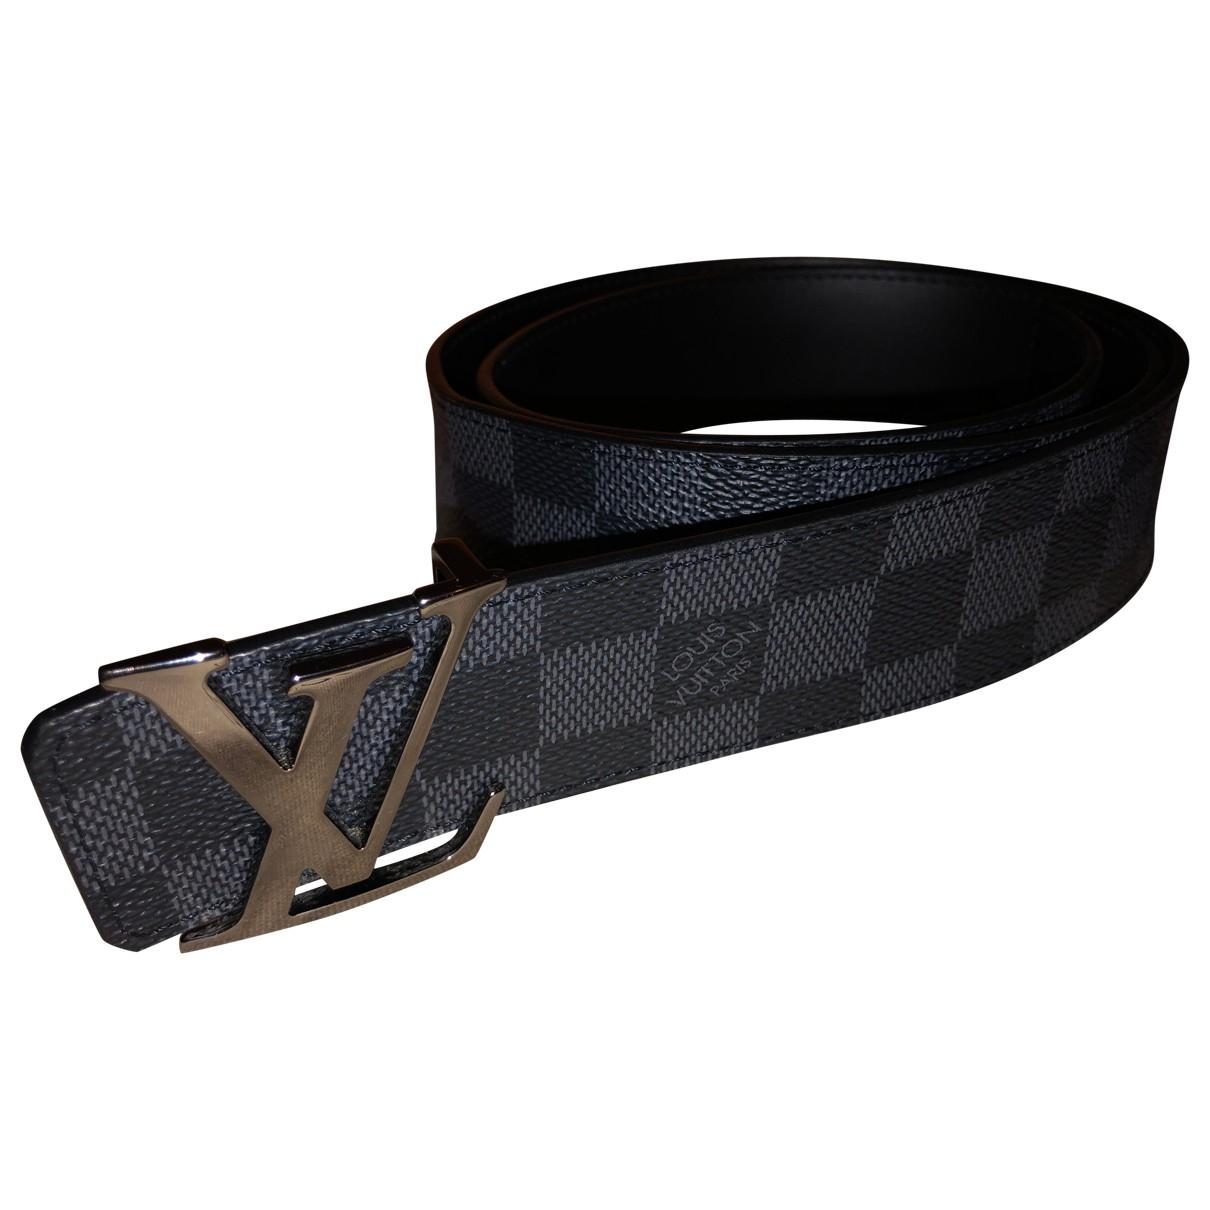 Louis Vuitton Initiales Black Cloth belt for Men 90 cm